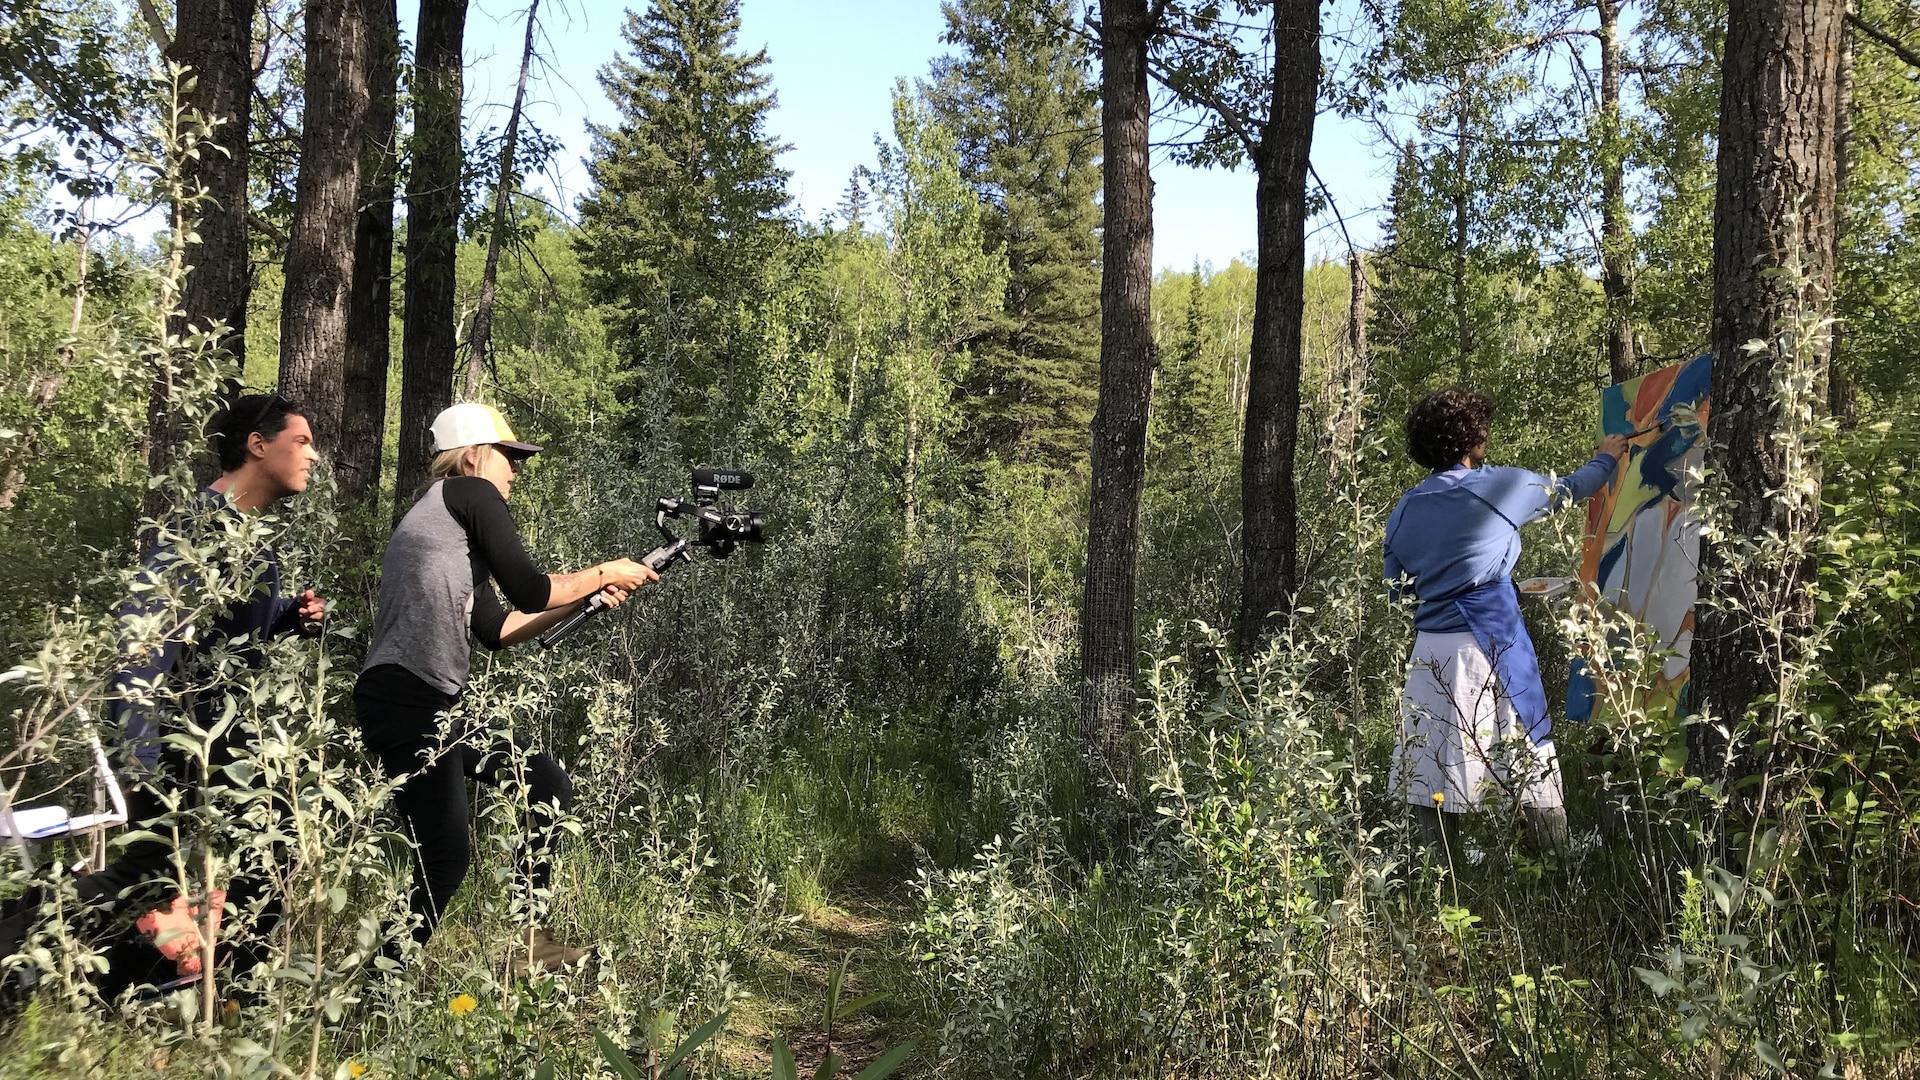 Deux personnes filment Patricia Lortie dans une forêt en train de peindre une toile déposée sur un chevalet.